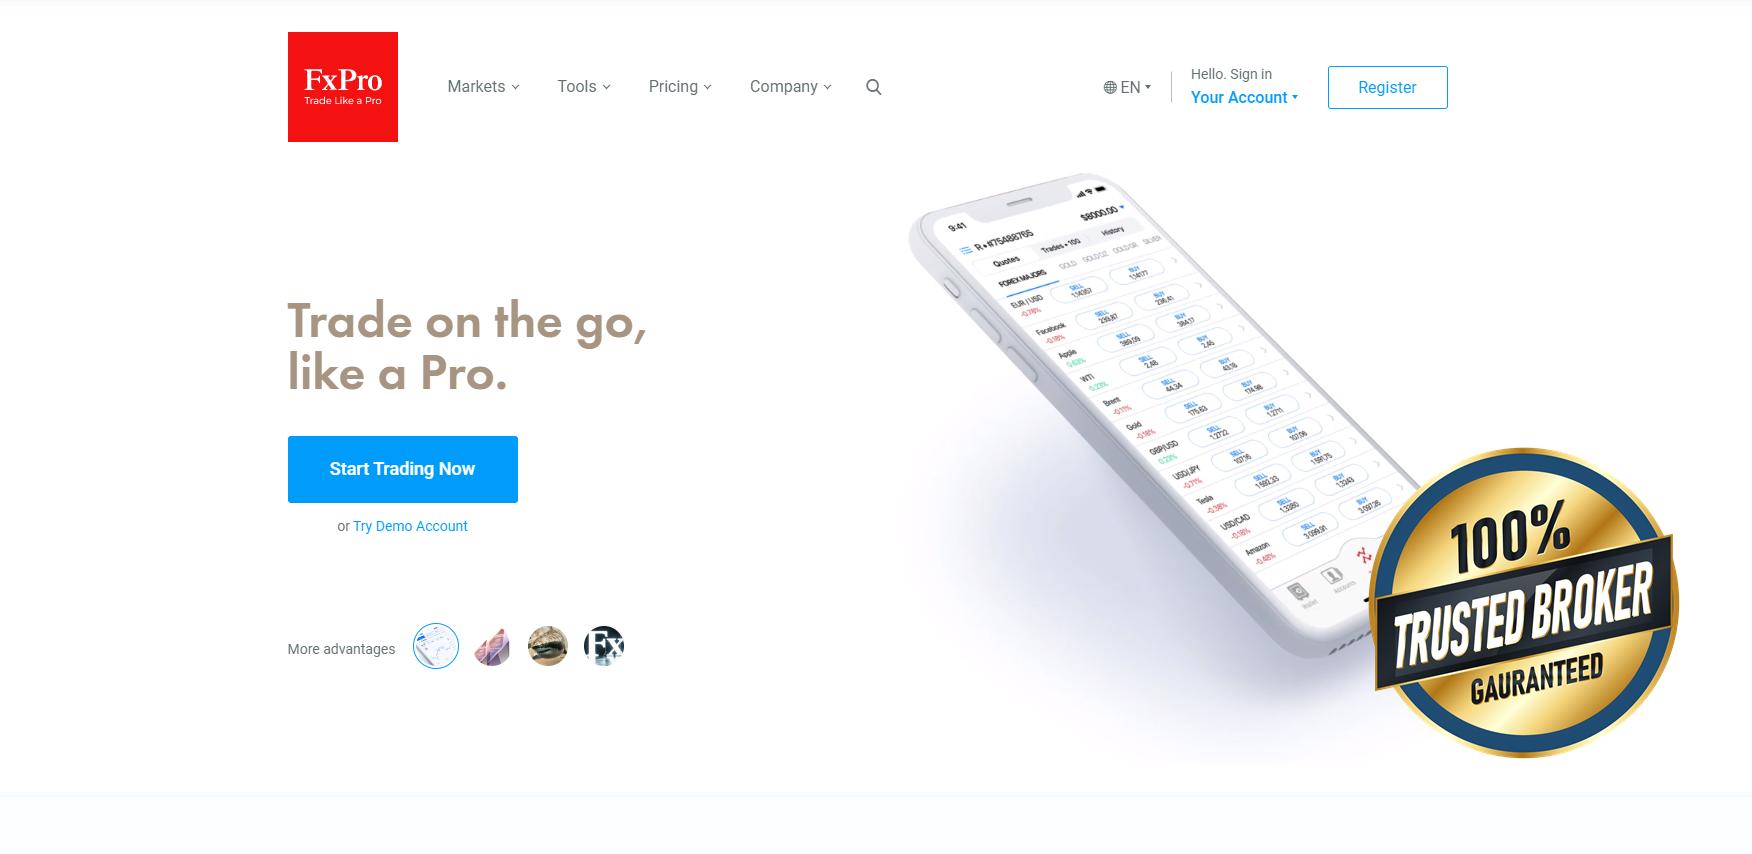 Oficiální stránky FxPro